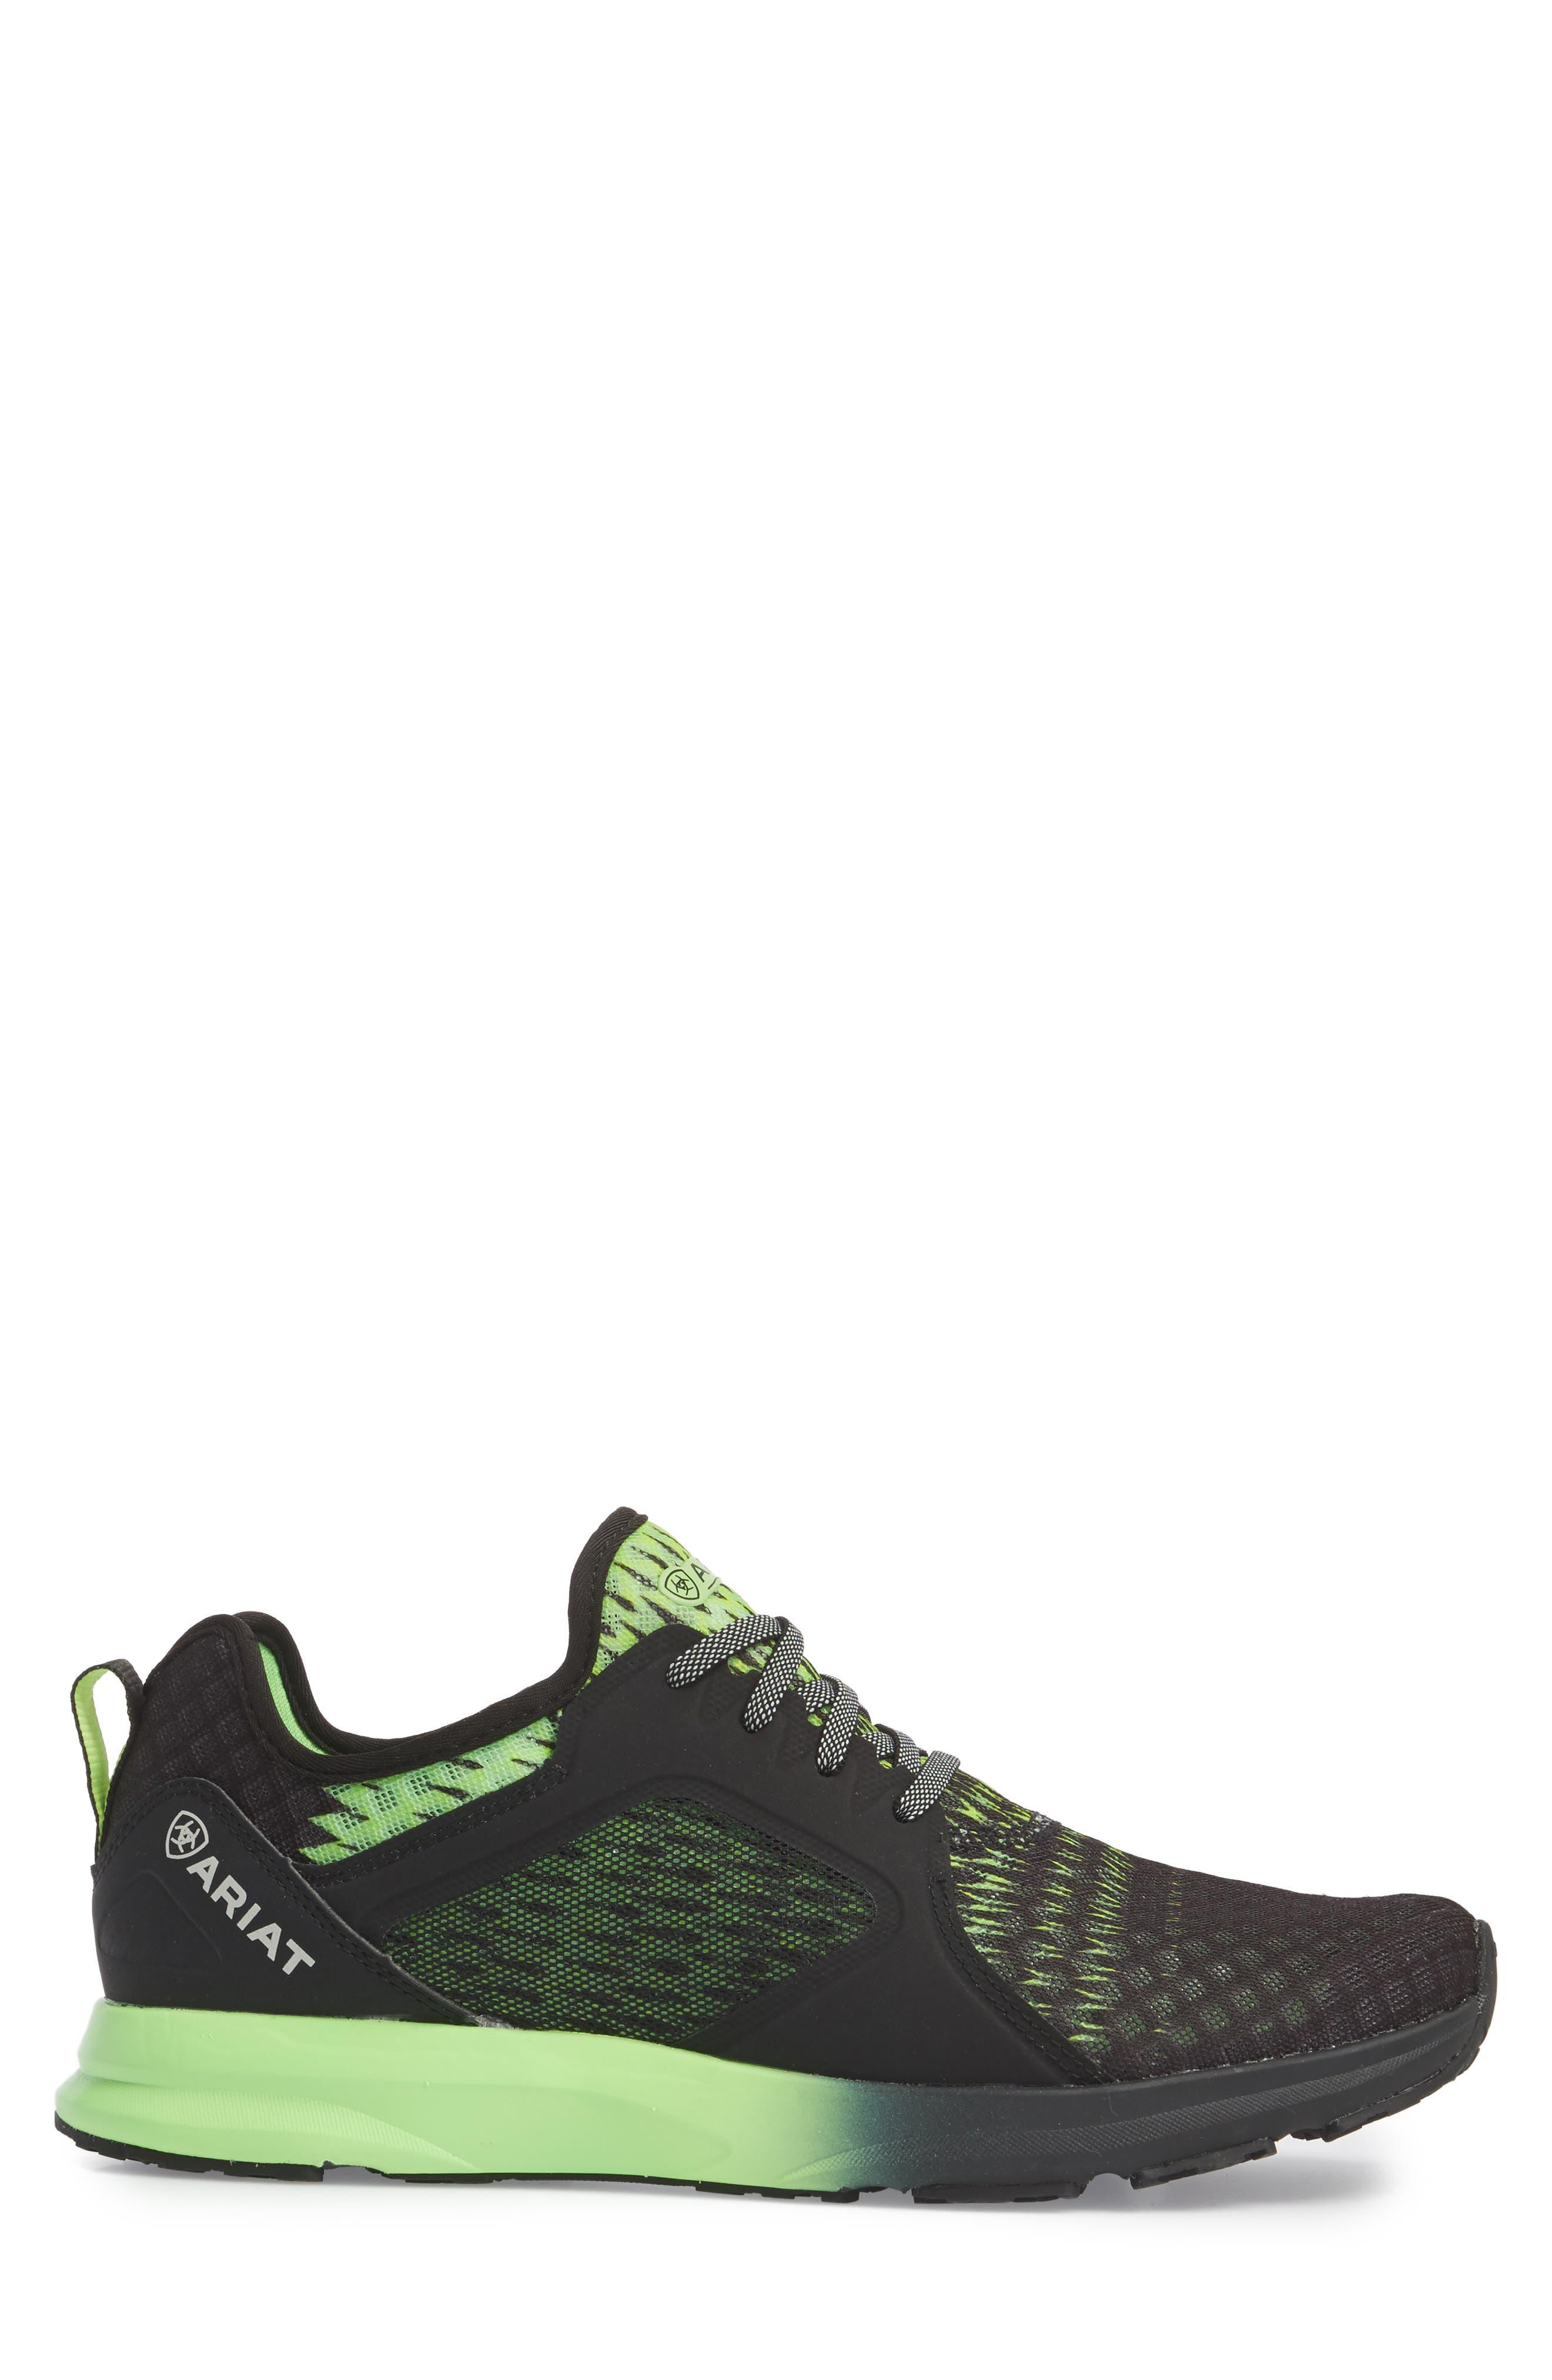 ARIAT, Fuse Ombré Sneaker, Alternate thumbnail 3, color, BLACK OMBRE